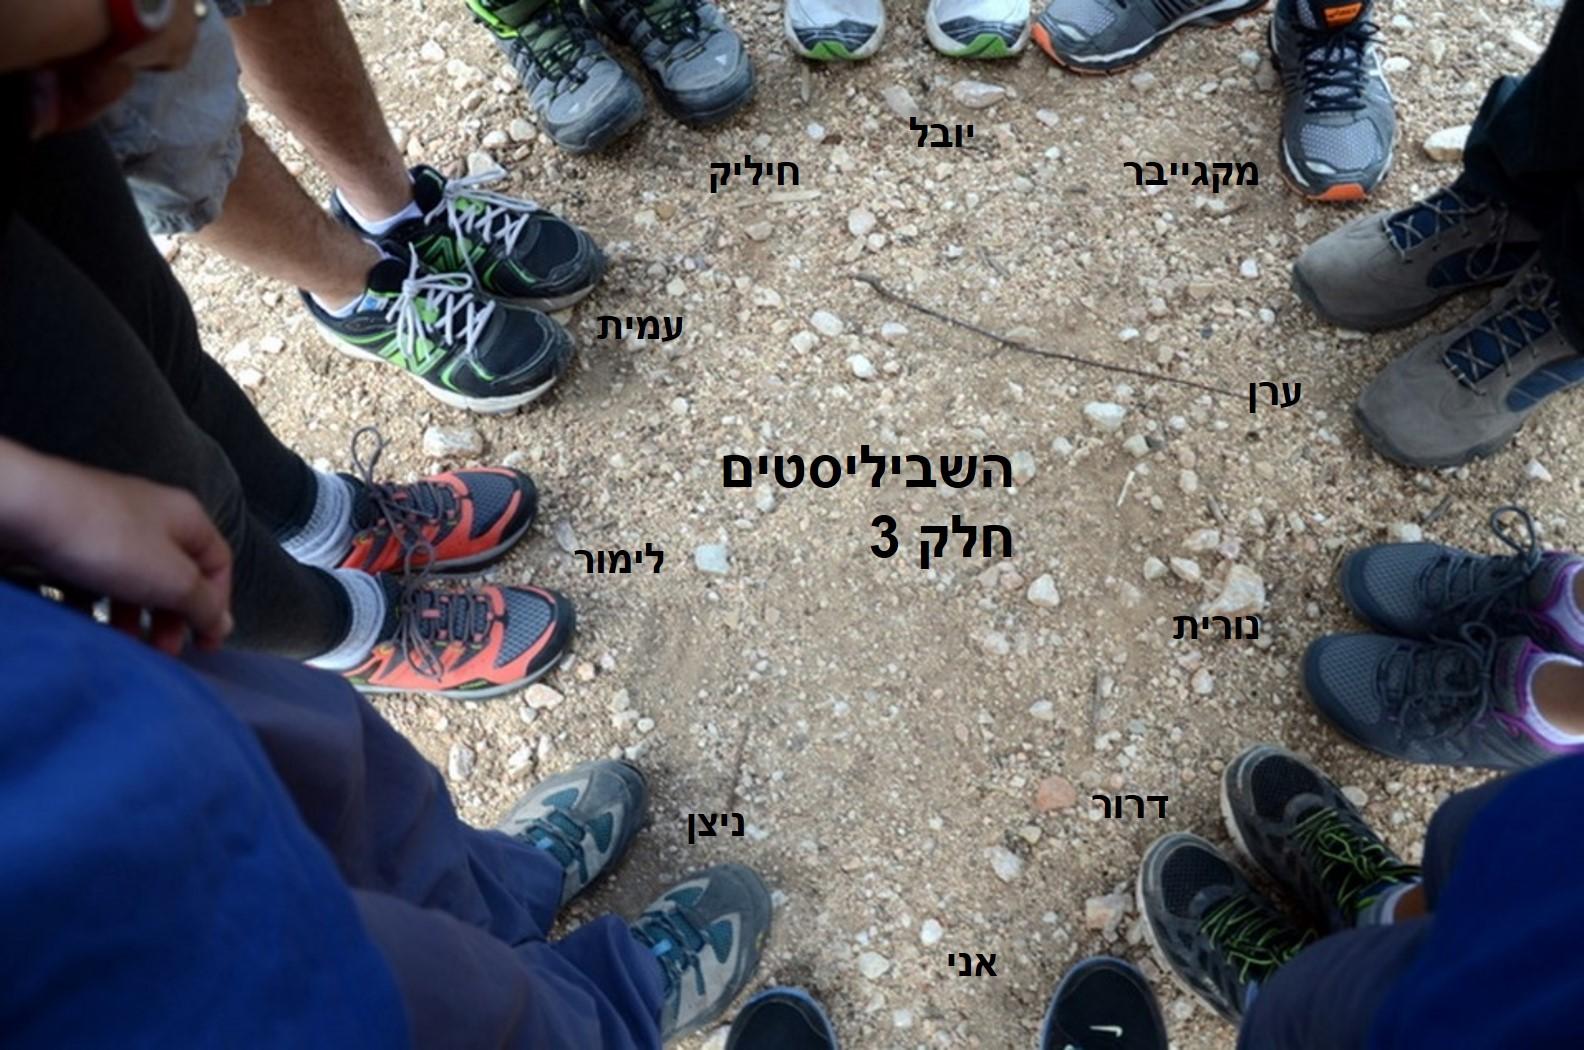 שביל ישראל: מסלול מס' 3